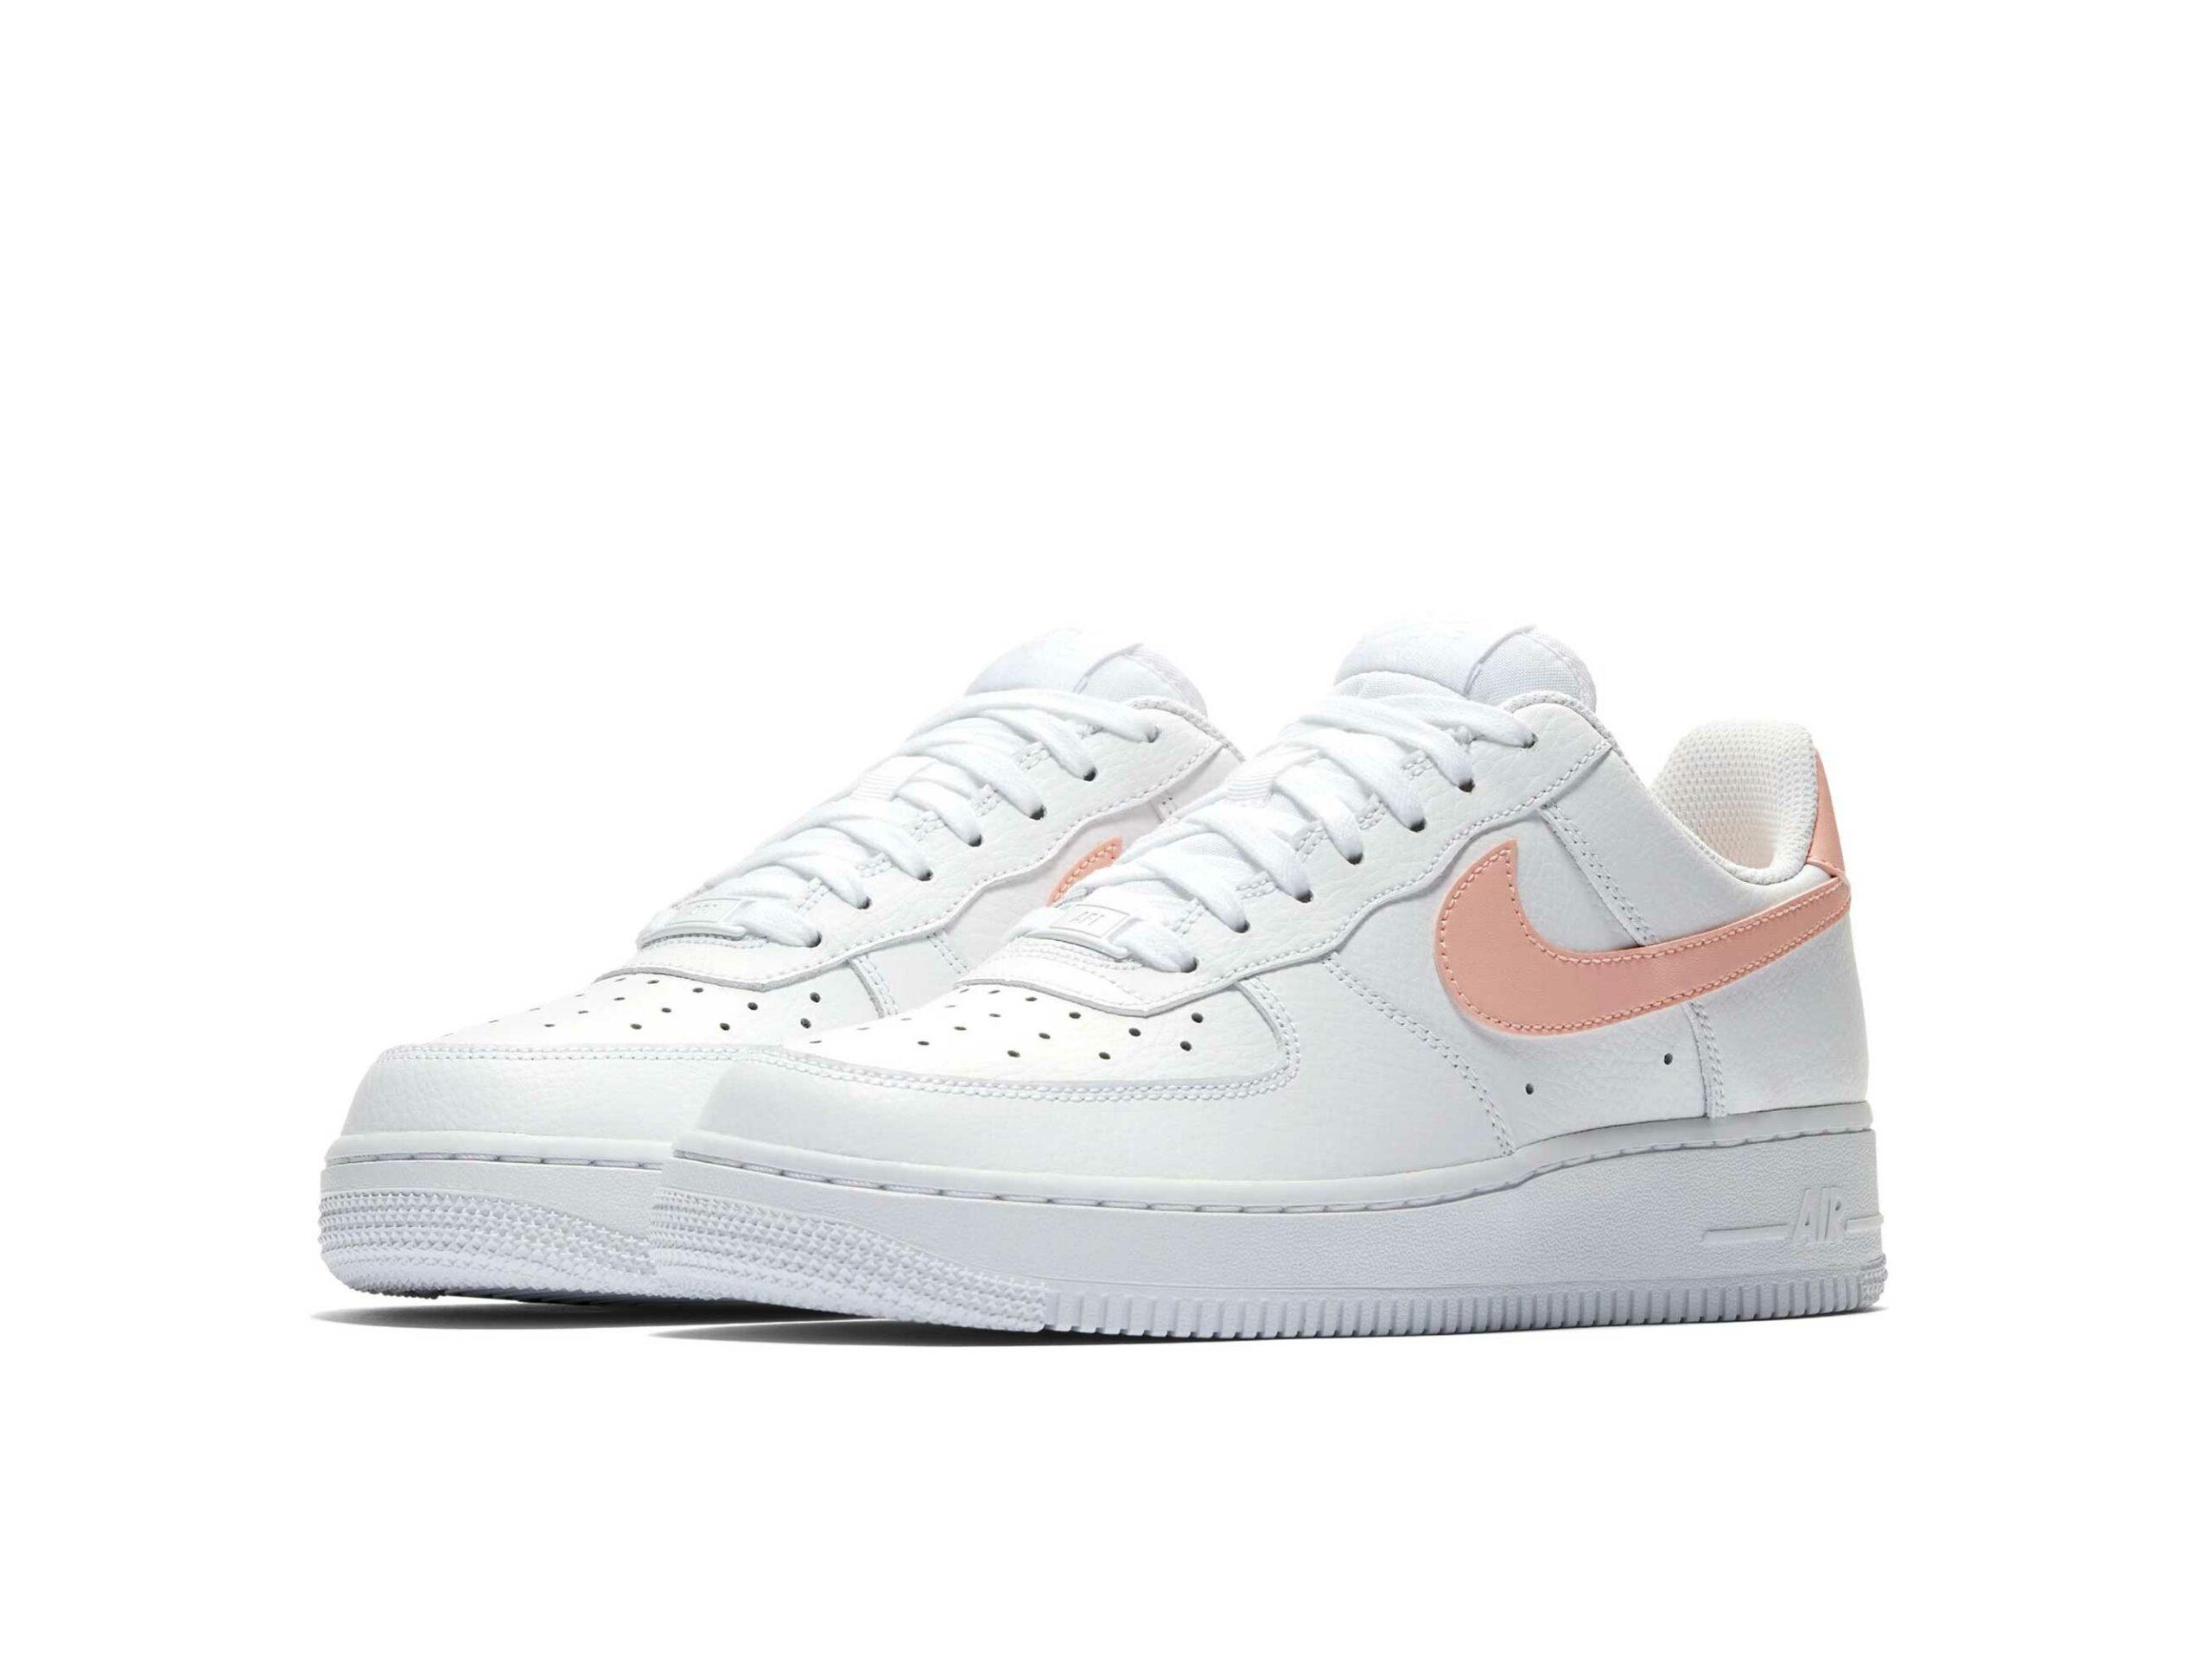 nike air force 1 07 white pink ah0287_102 купить